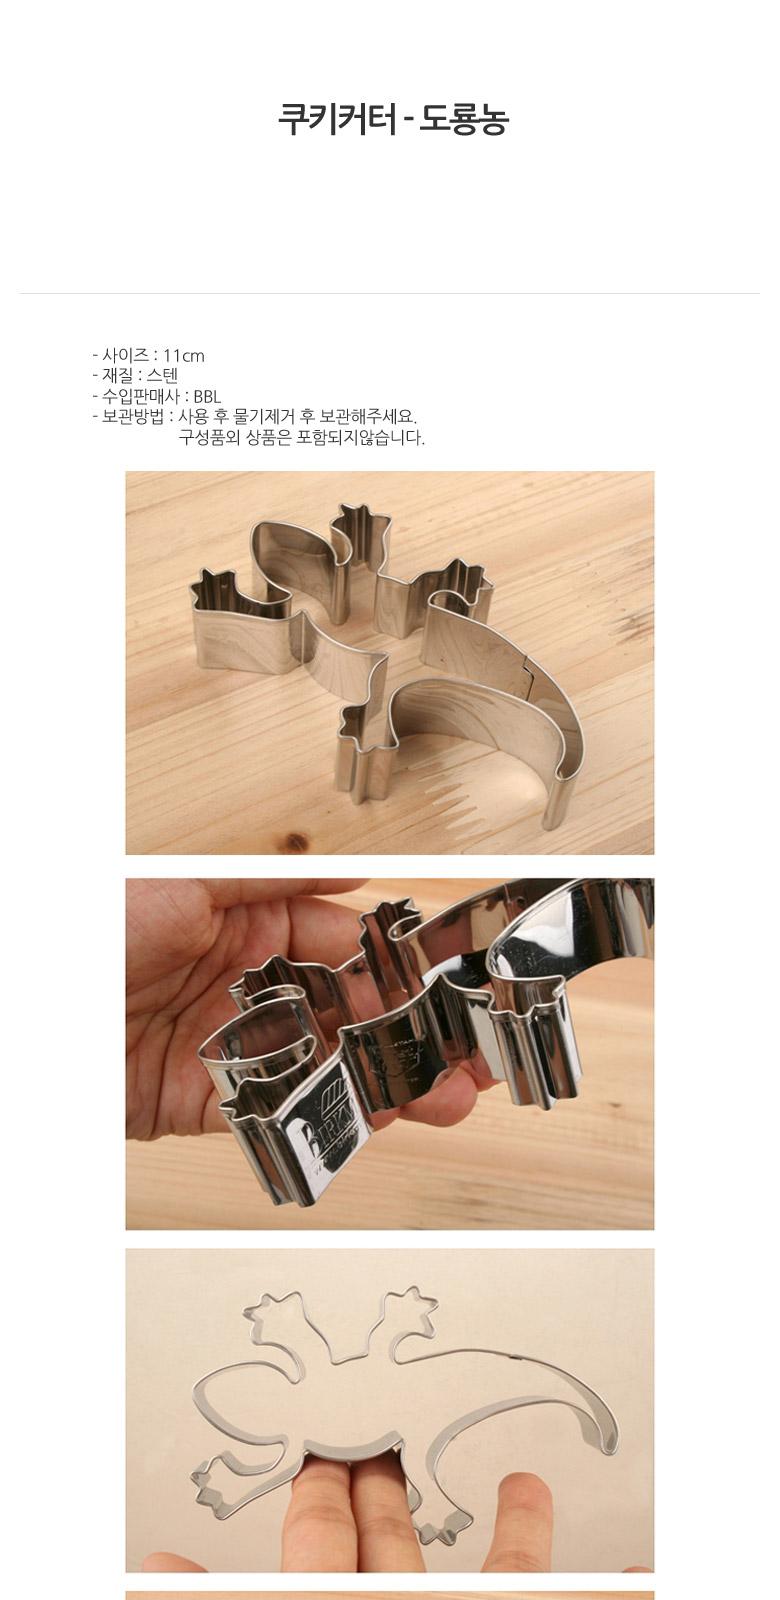 쿠키커터 - 도롱뇽 - 이홈베이킹, 8,900원, DIY재료, 만들기도구